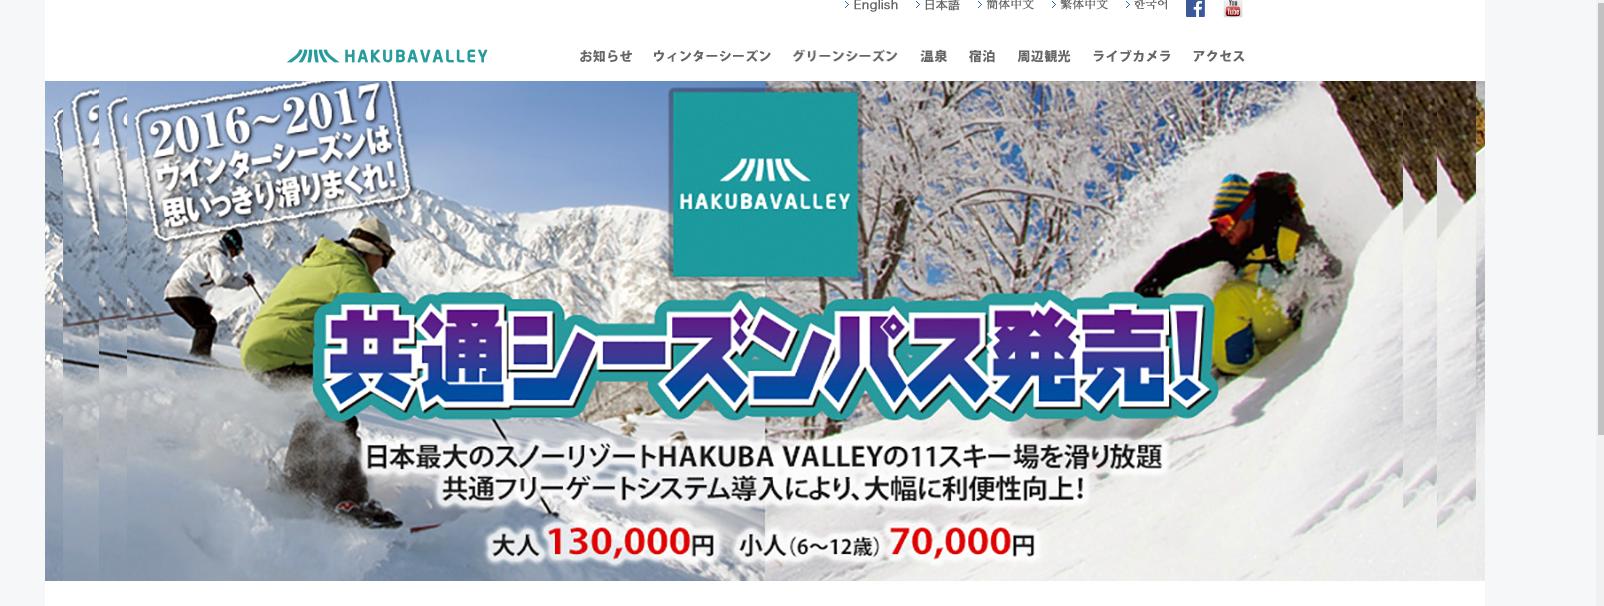 hakuba-season